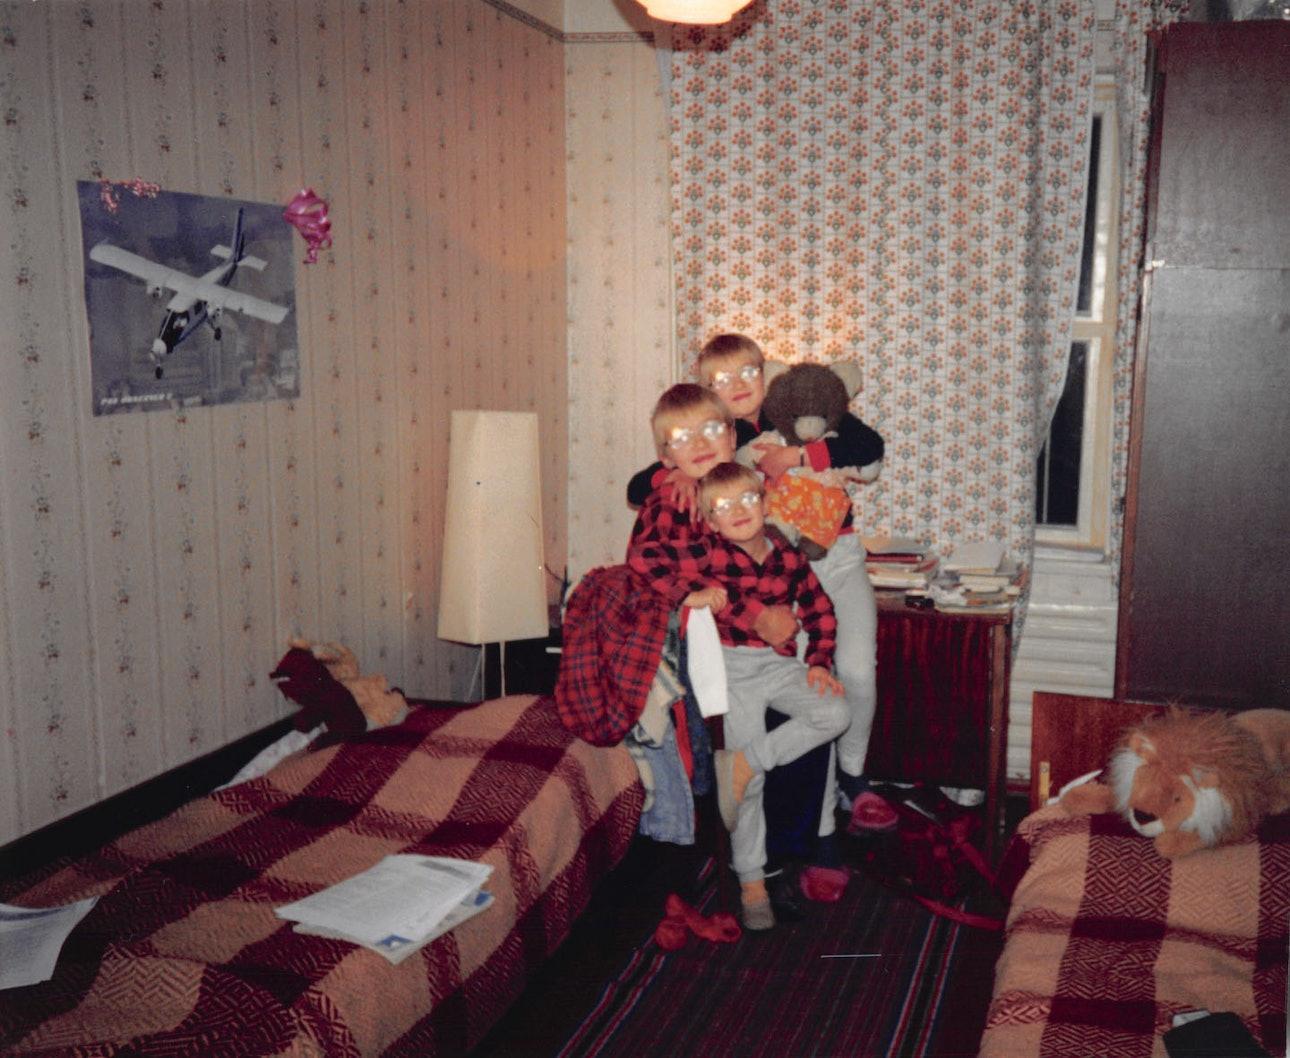 Dimitriy_Levdanski_Baikonur97-96